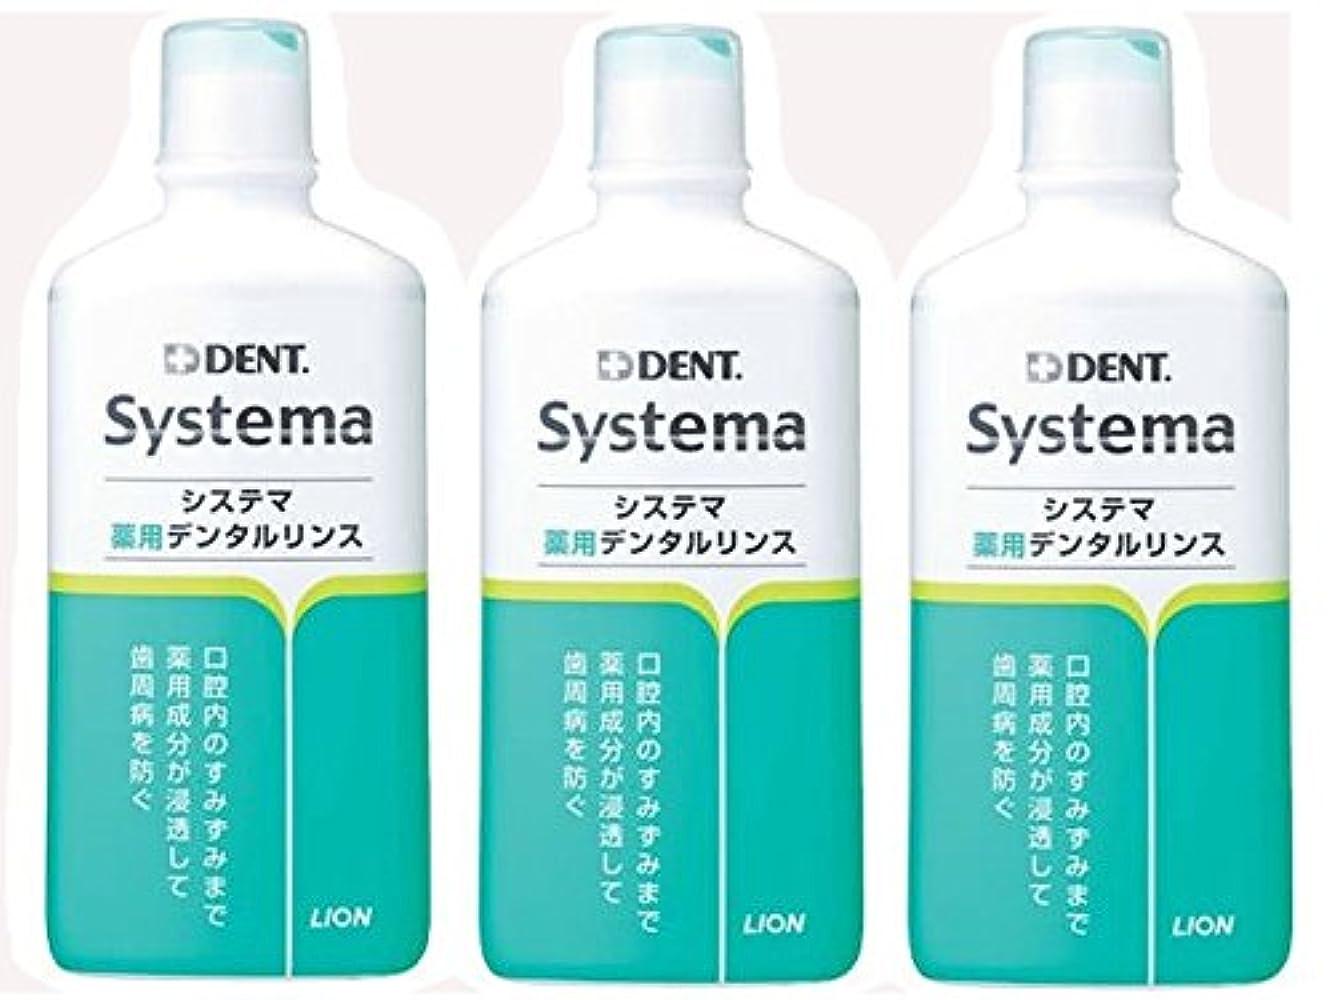 率直な花束窒素デント システマ 薬用デンタルリンス レギュラータイプ(アルコール配合) 450ml 3本セット